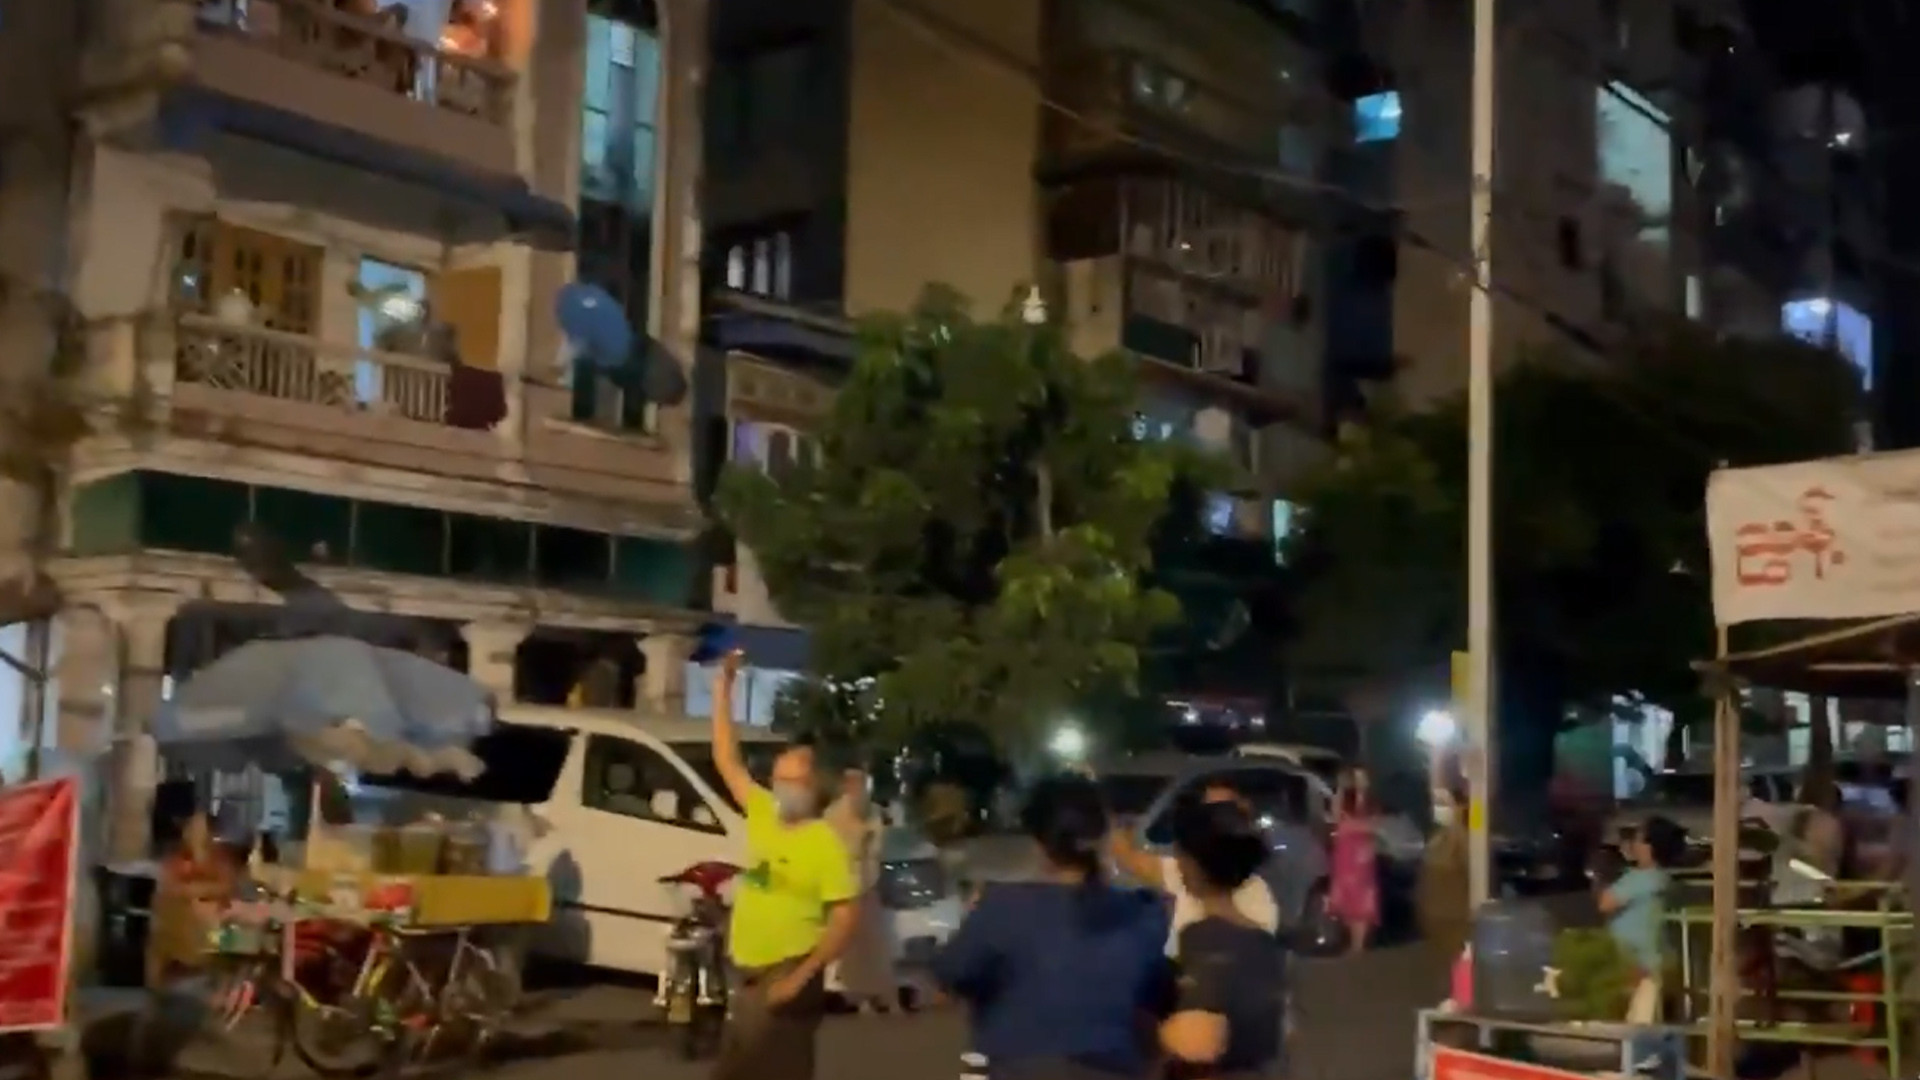 ประชาชนในย่างกุ้งออกมาตีเกราะเคาะกระทะเมื่อคืนวันพุธ (3 ก.พ.) เพื่อต่อต้านการรัฐประหาร (ที่มา: Twitter/@kyawhsanhlaing1)